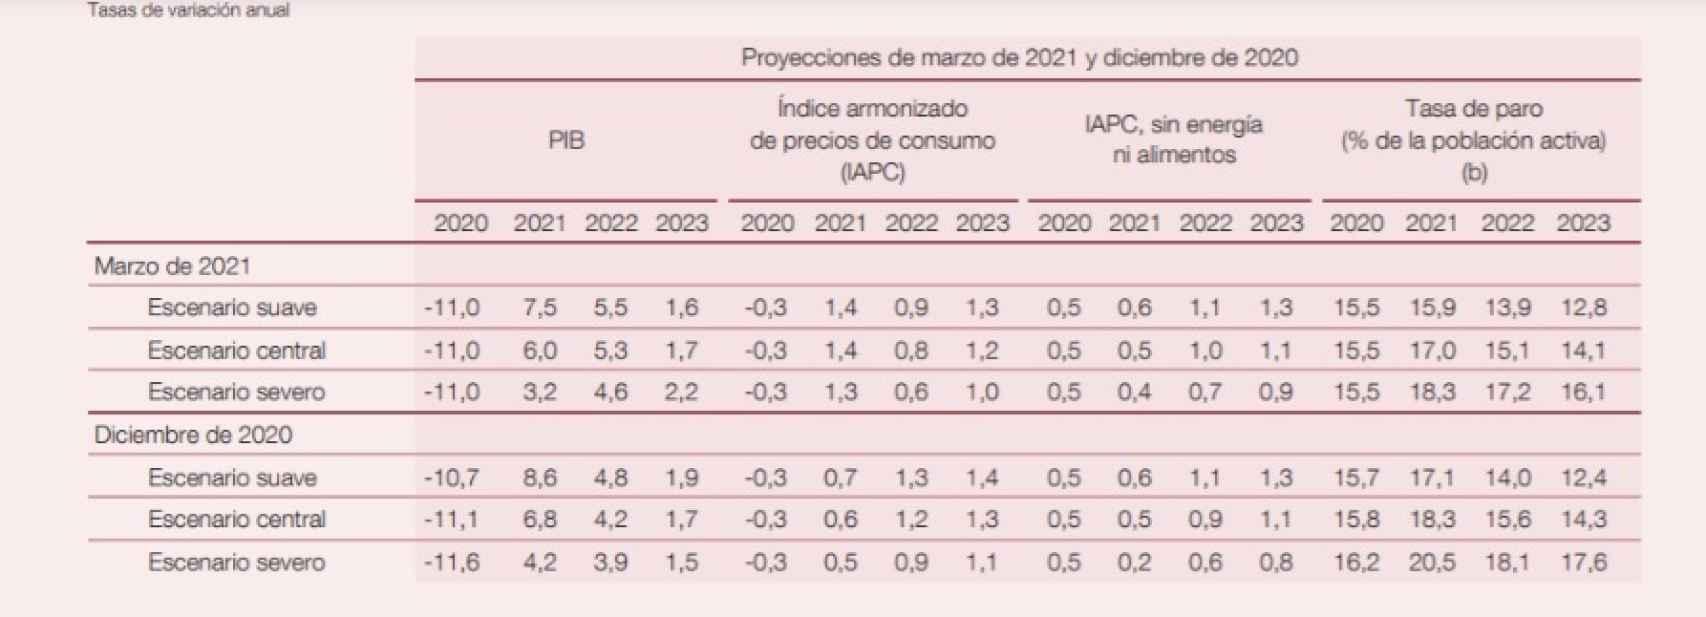 Previsiones macroeconómicas del Banco de España.